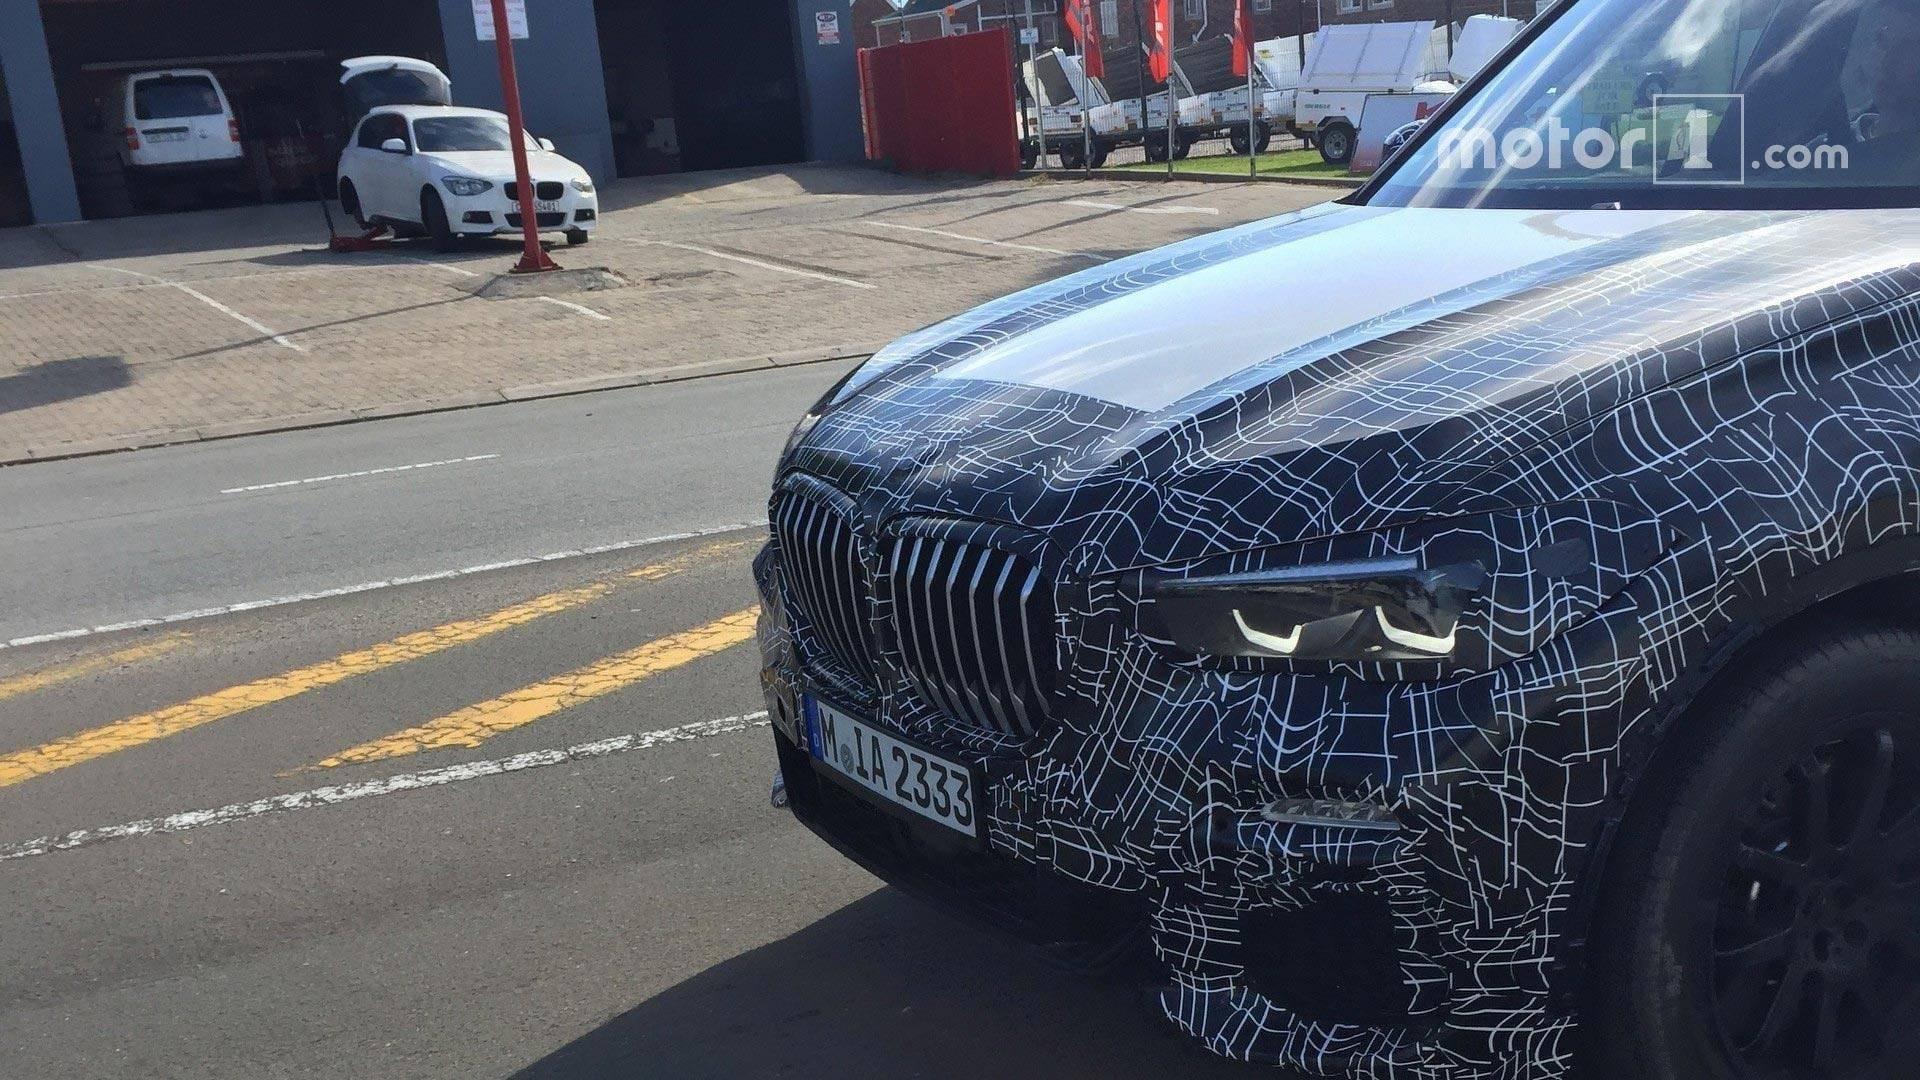 2018 - [BMW] X5 IV [G05] - Page 5 Bmw-x5-spy-photos1